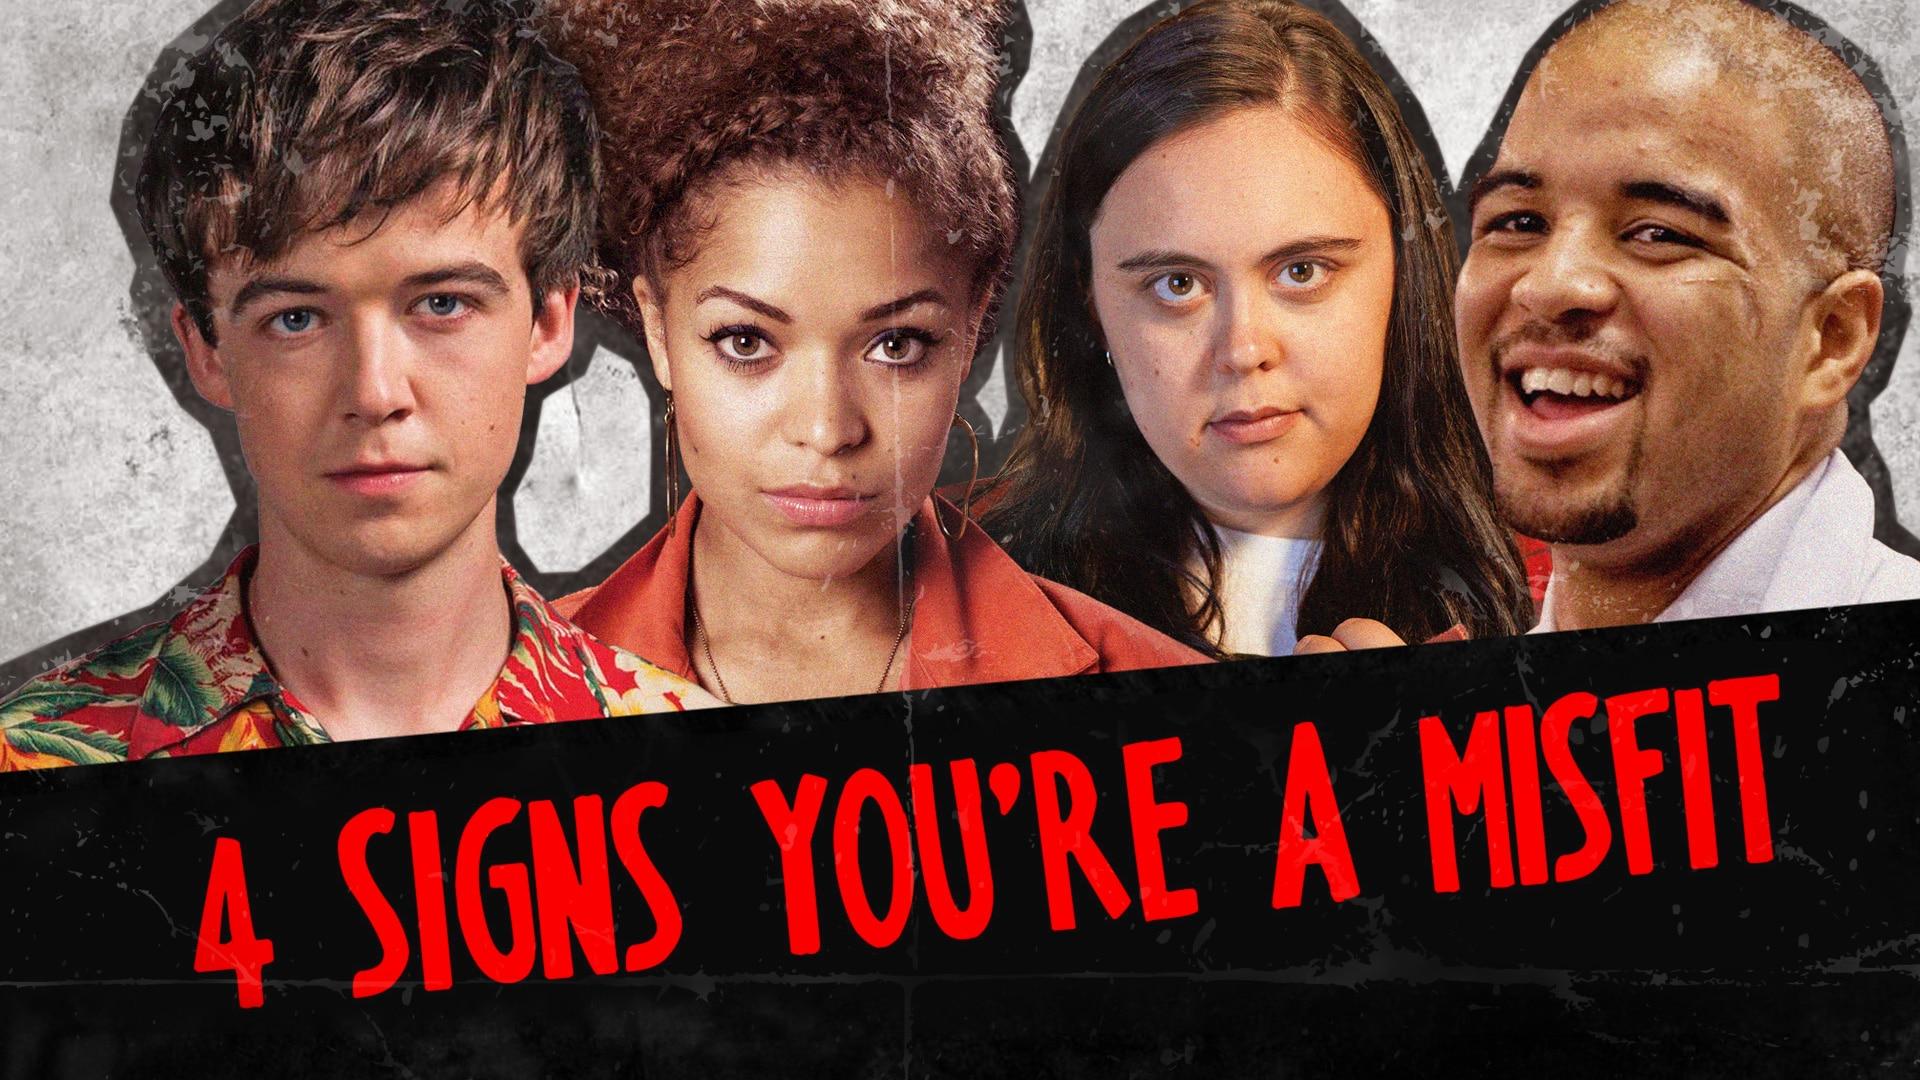 Misfits All 4